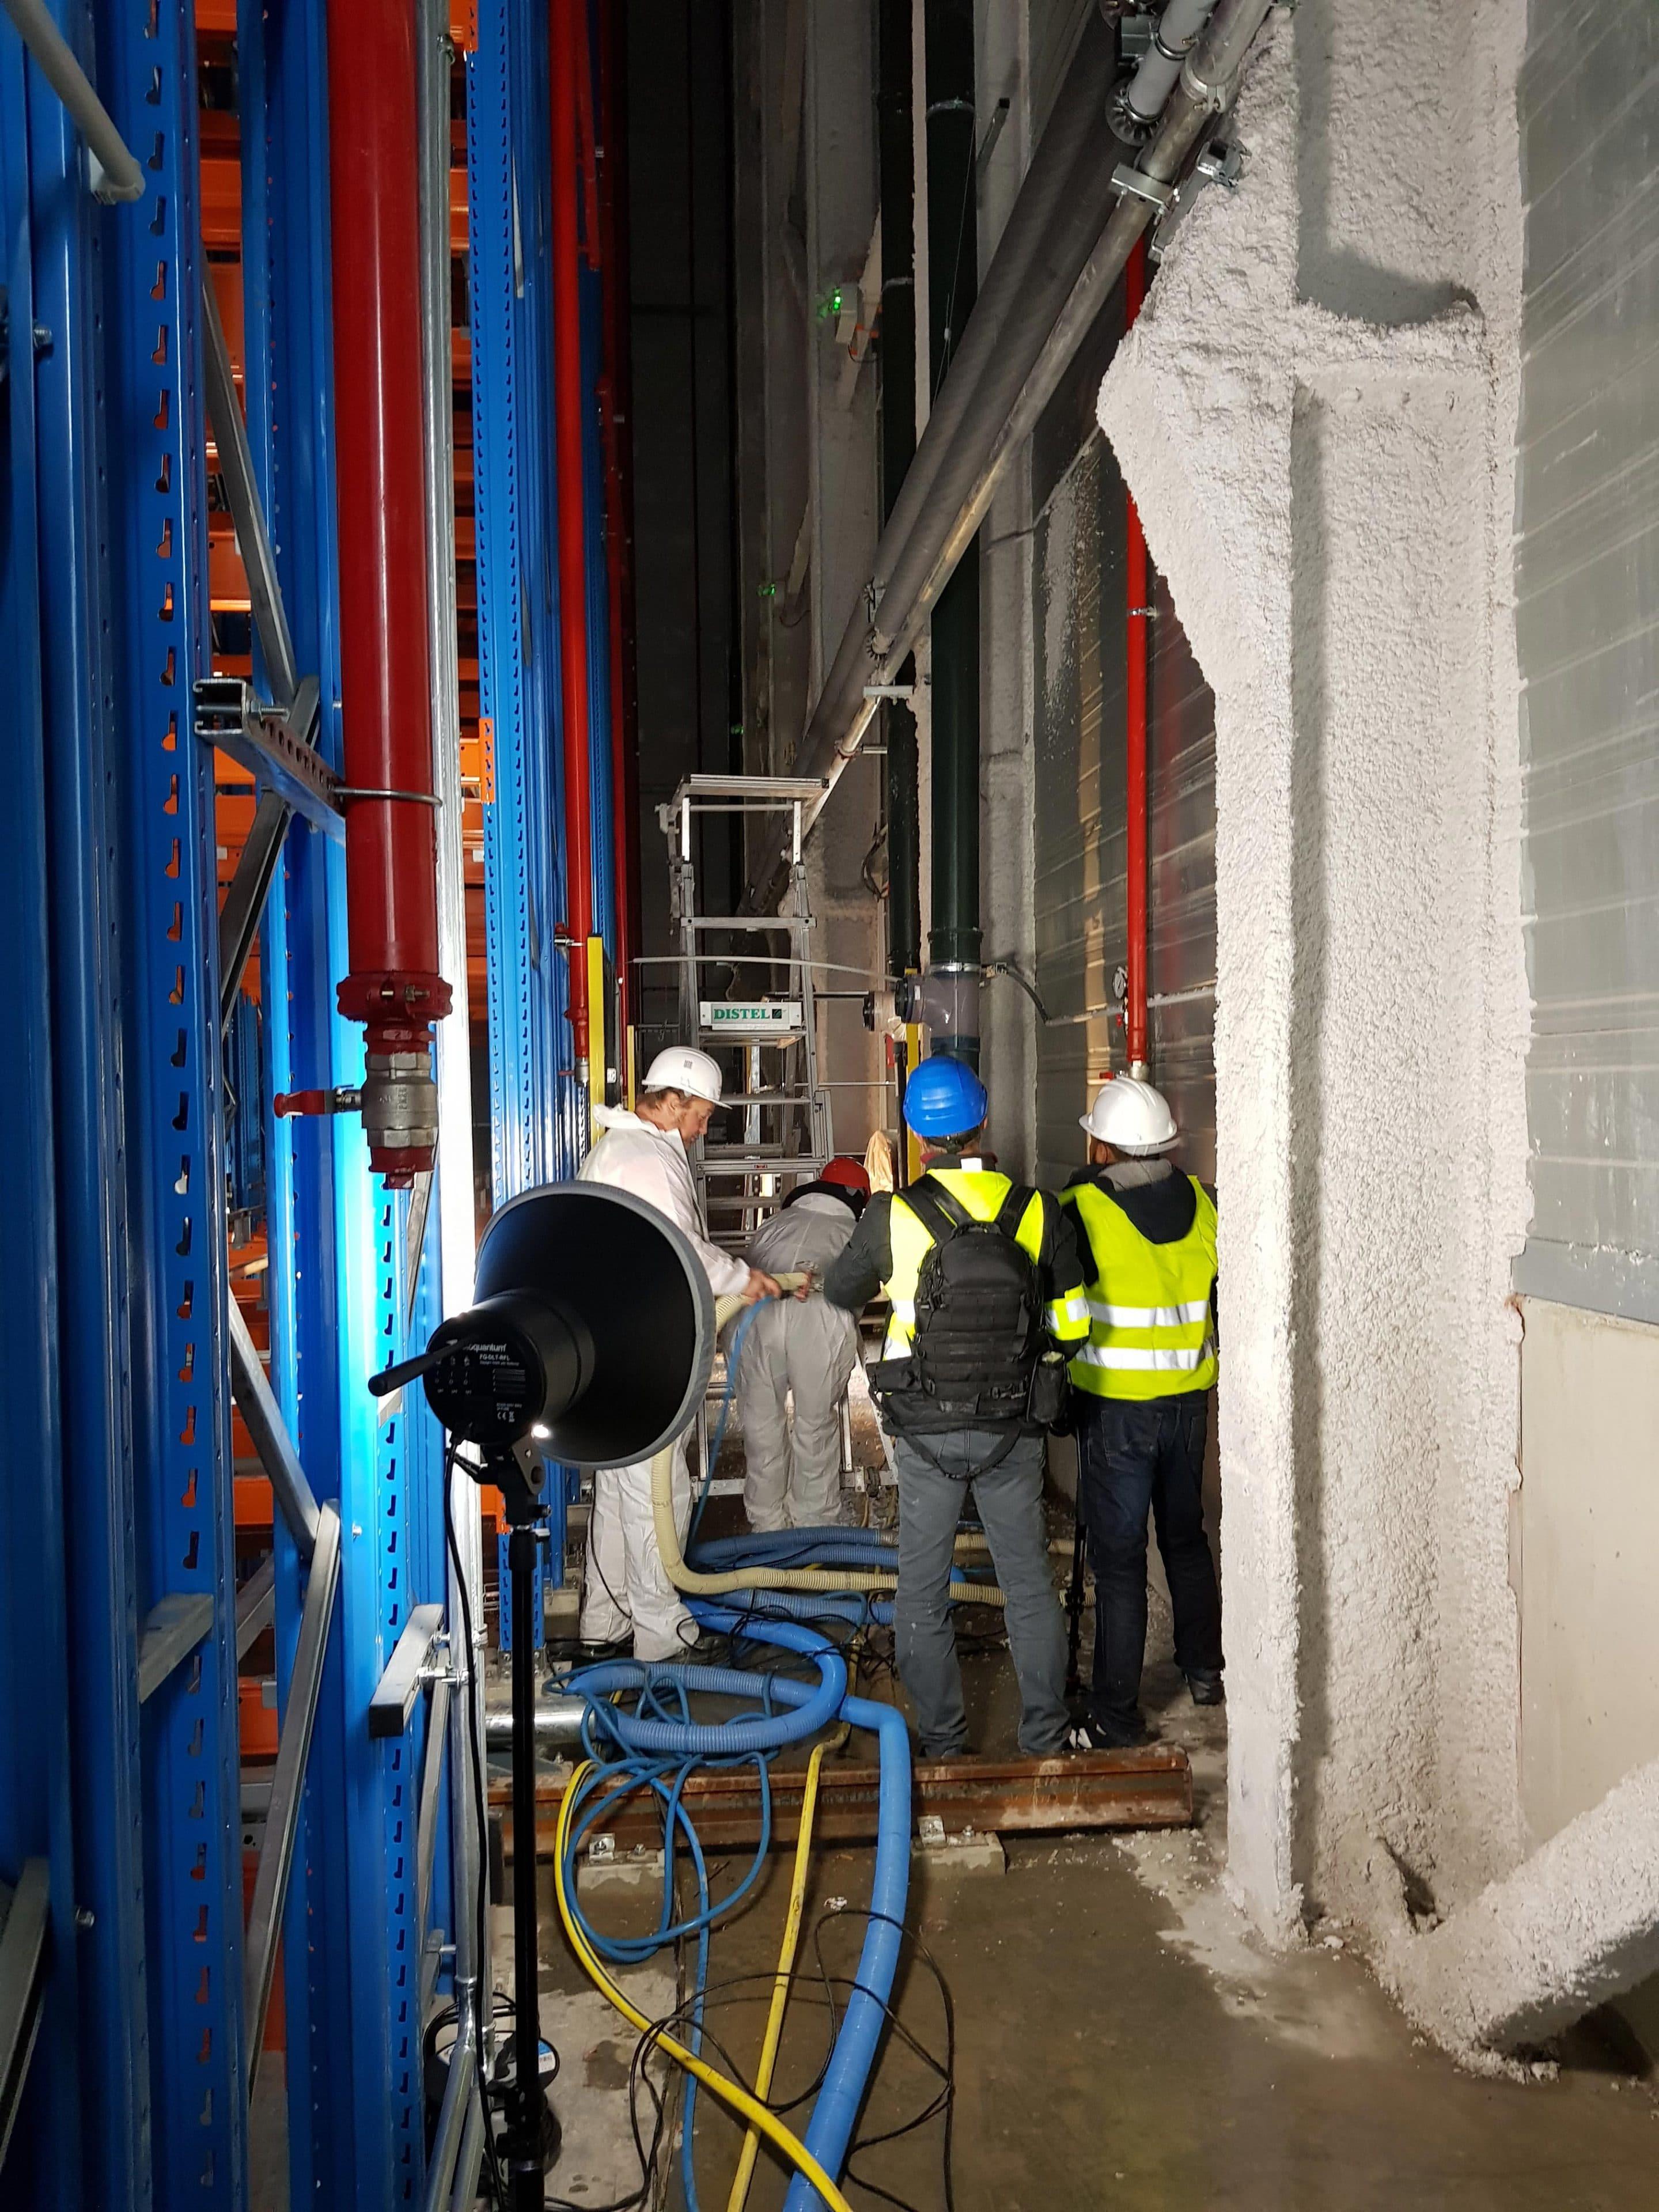 Tournage ISOPROM sur chantier de flocage fibreux à Issenheim